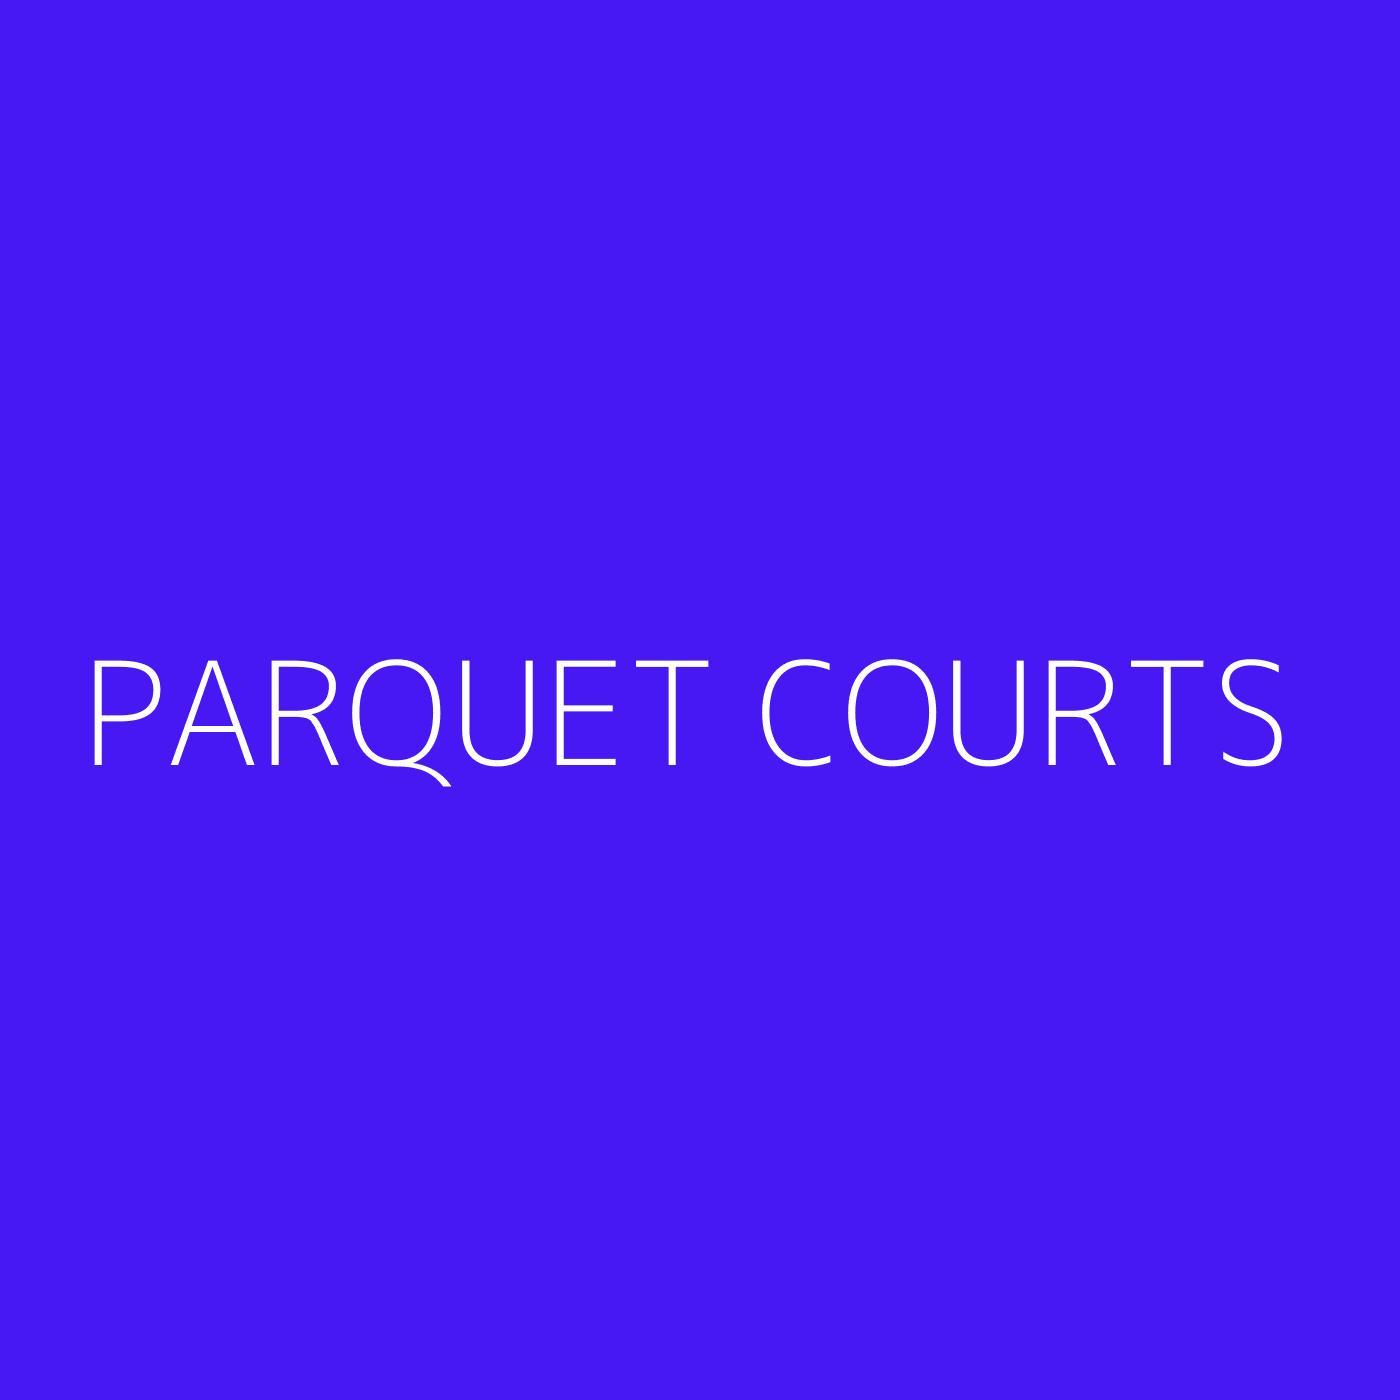 Parquet Courts Playlist Artwork